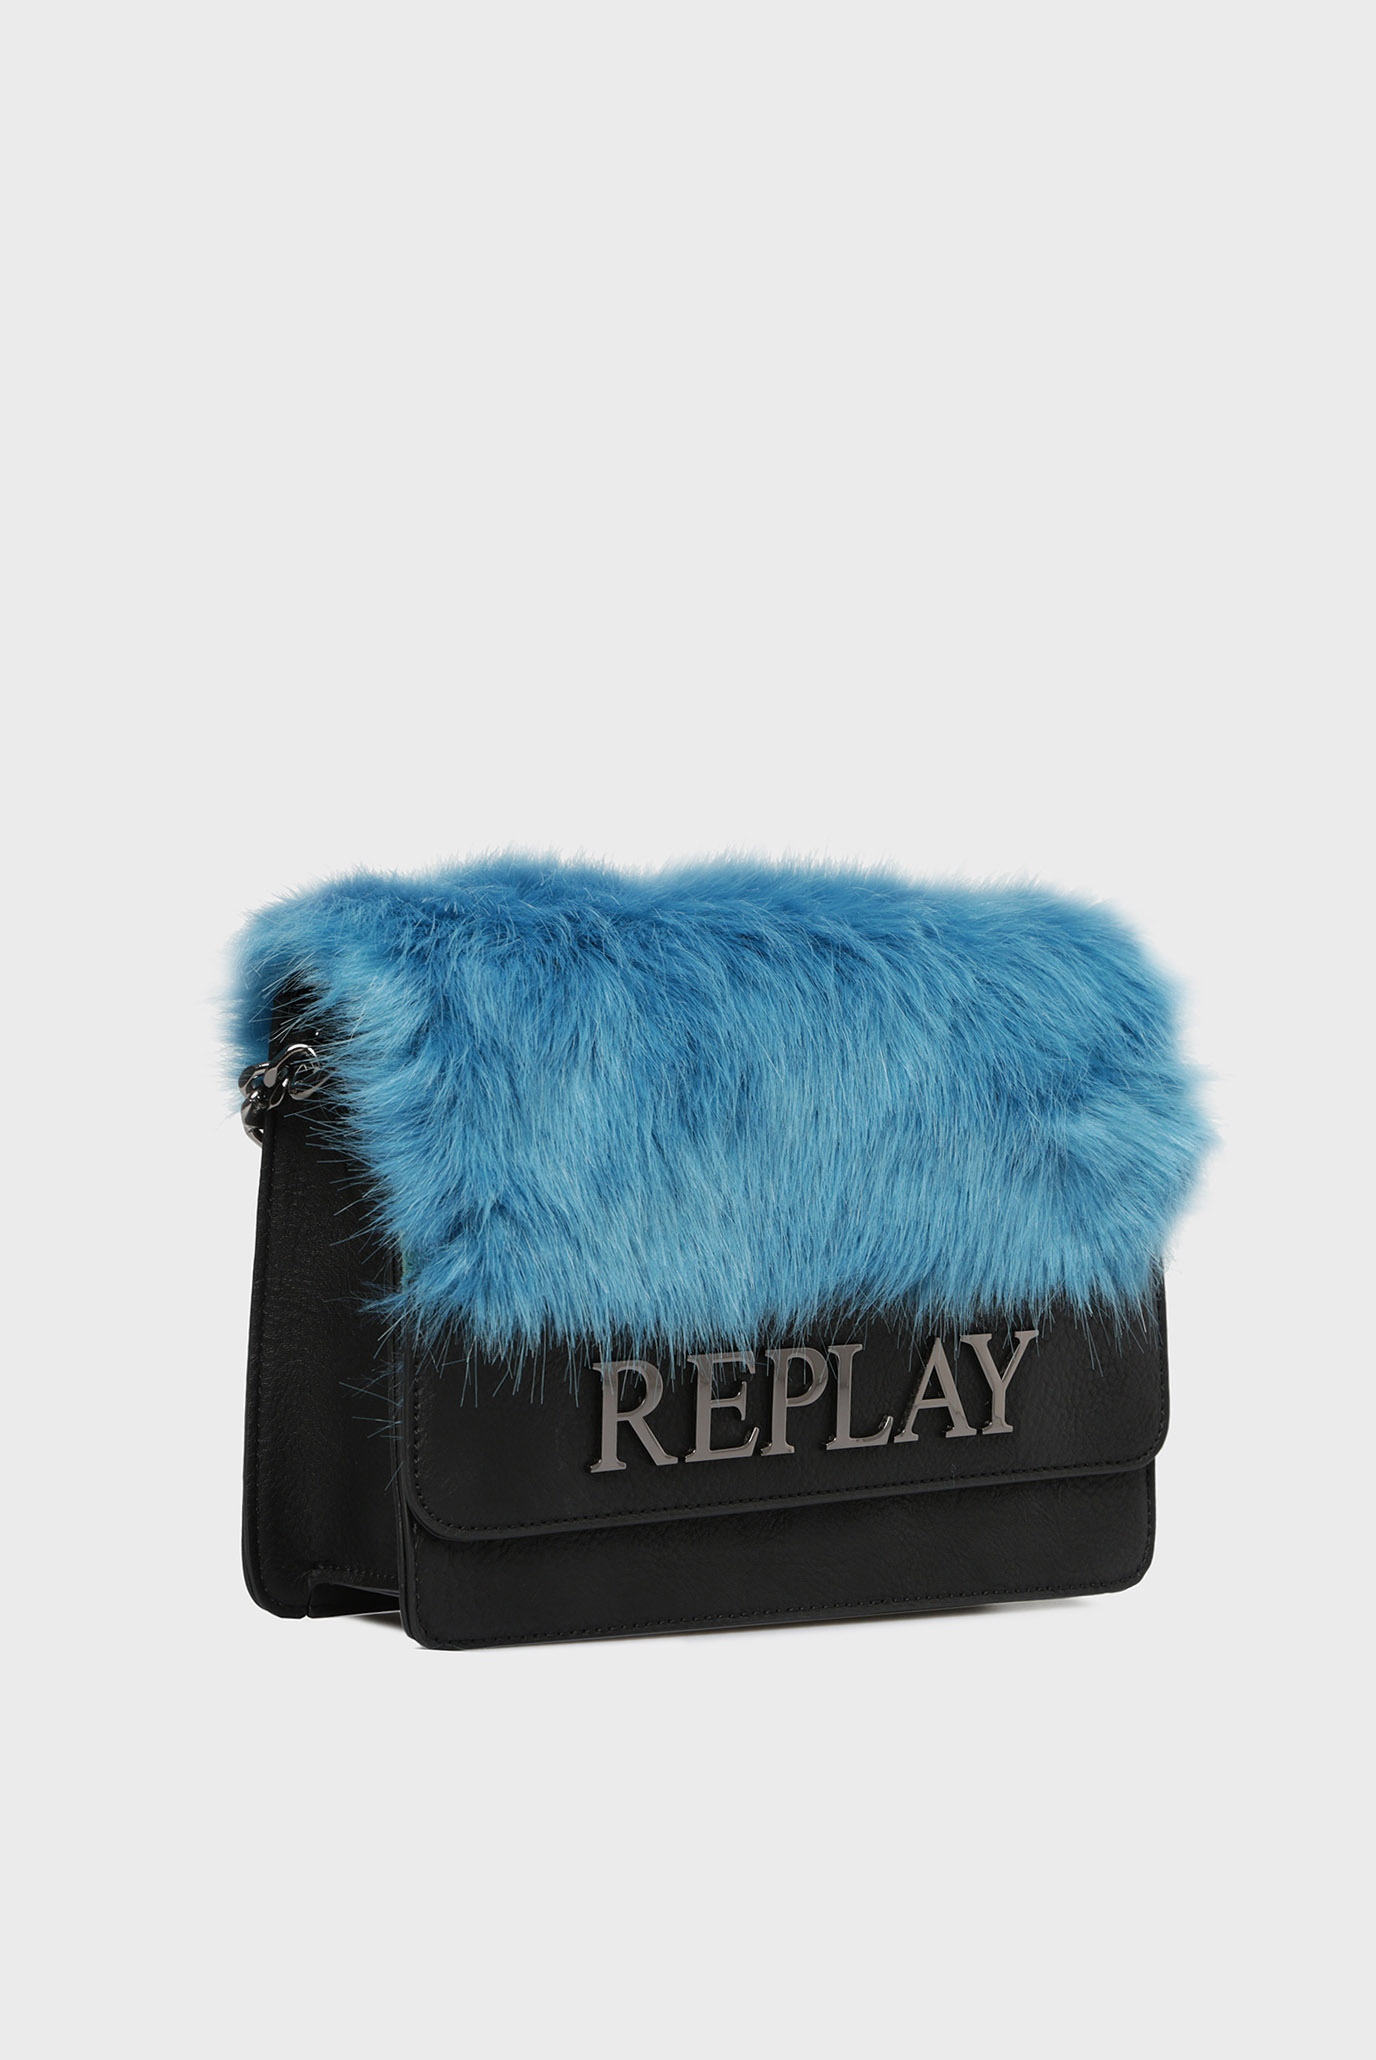 Купить Женская голубая сумка через плечо Replay Replay FW3788.000.A0258 – Киев, Украина. Цены в интернет магазине MD Fashion